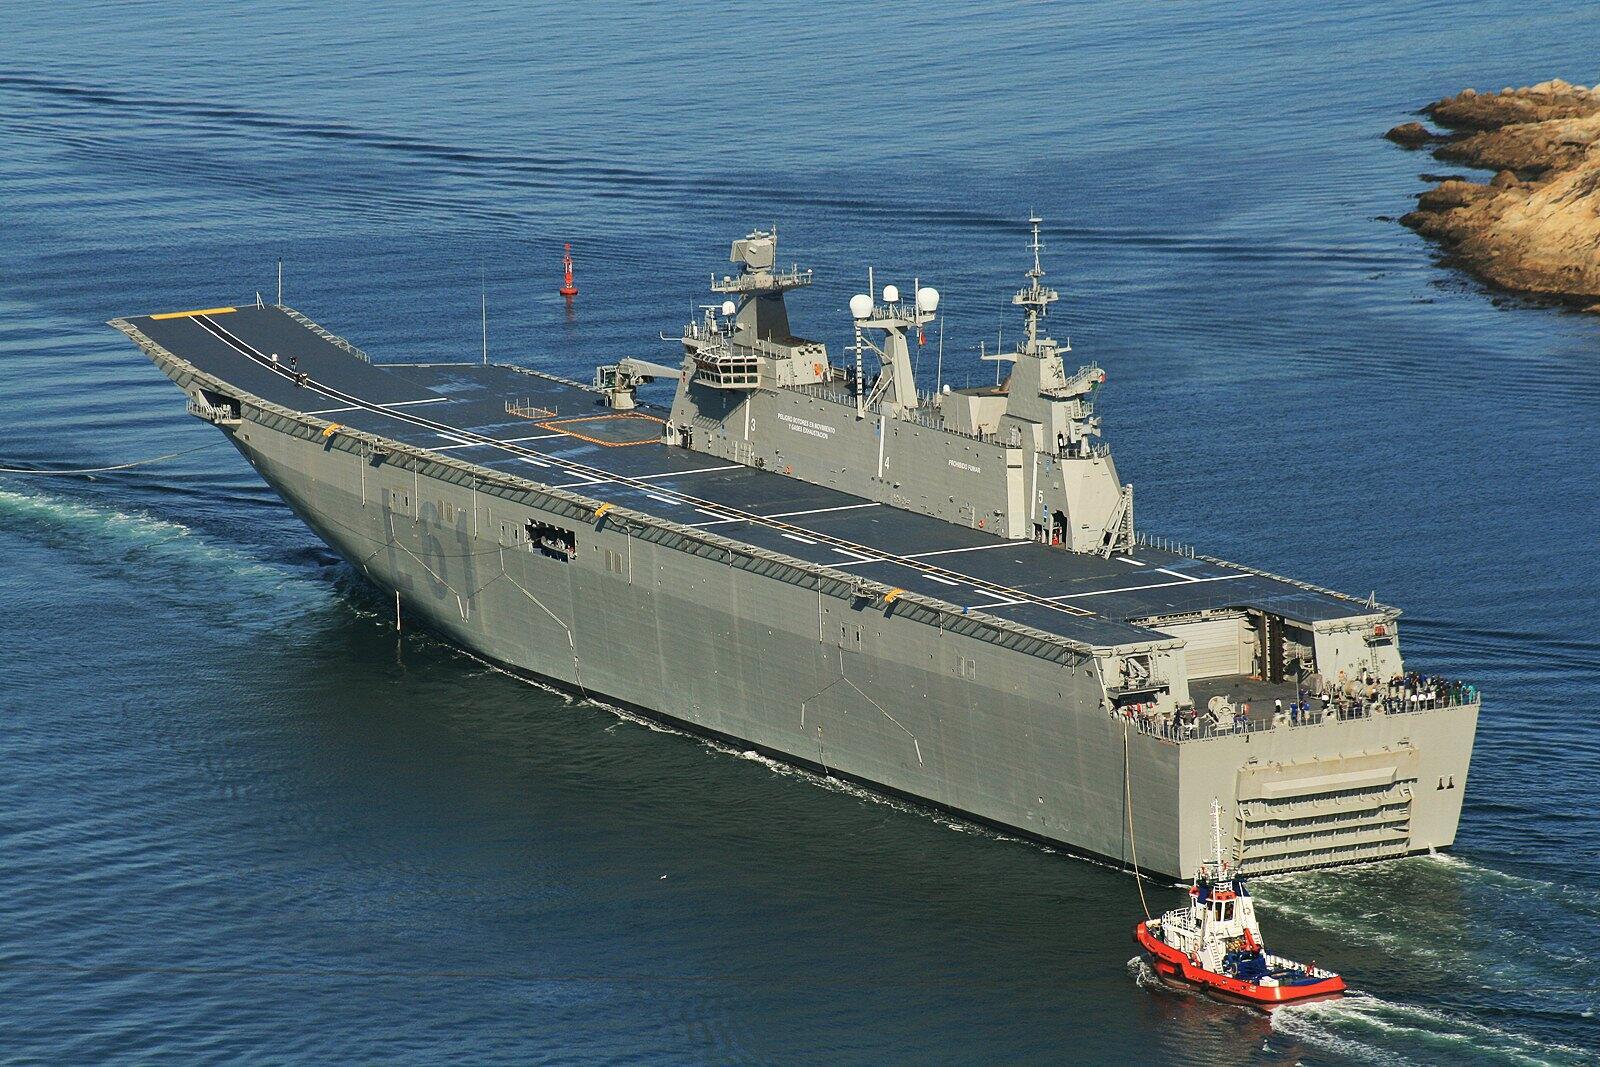 Всё о флоте и судостроении В качестве основного иностранного партнёра скорее всего будет выбрана испанская navantia на счету которой строительство УДК типа juan carlos i для флотов